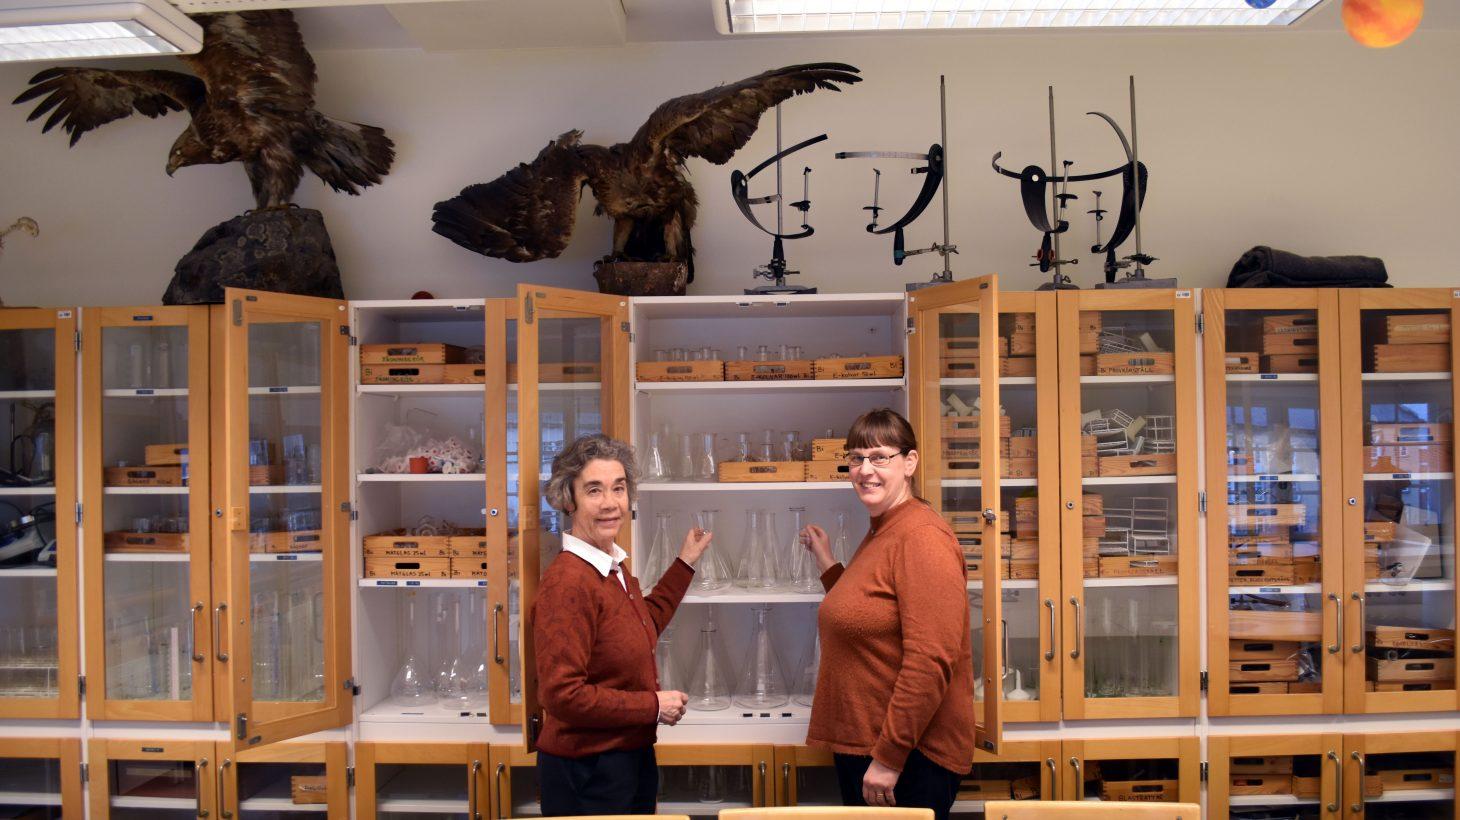 Eva Cederberg och Eva Månsby, NO-lärare på S:t Petri skola, står framför ett träskåp fyllt av mätglas i en laborationssal.